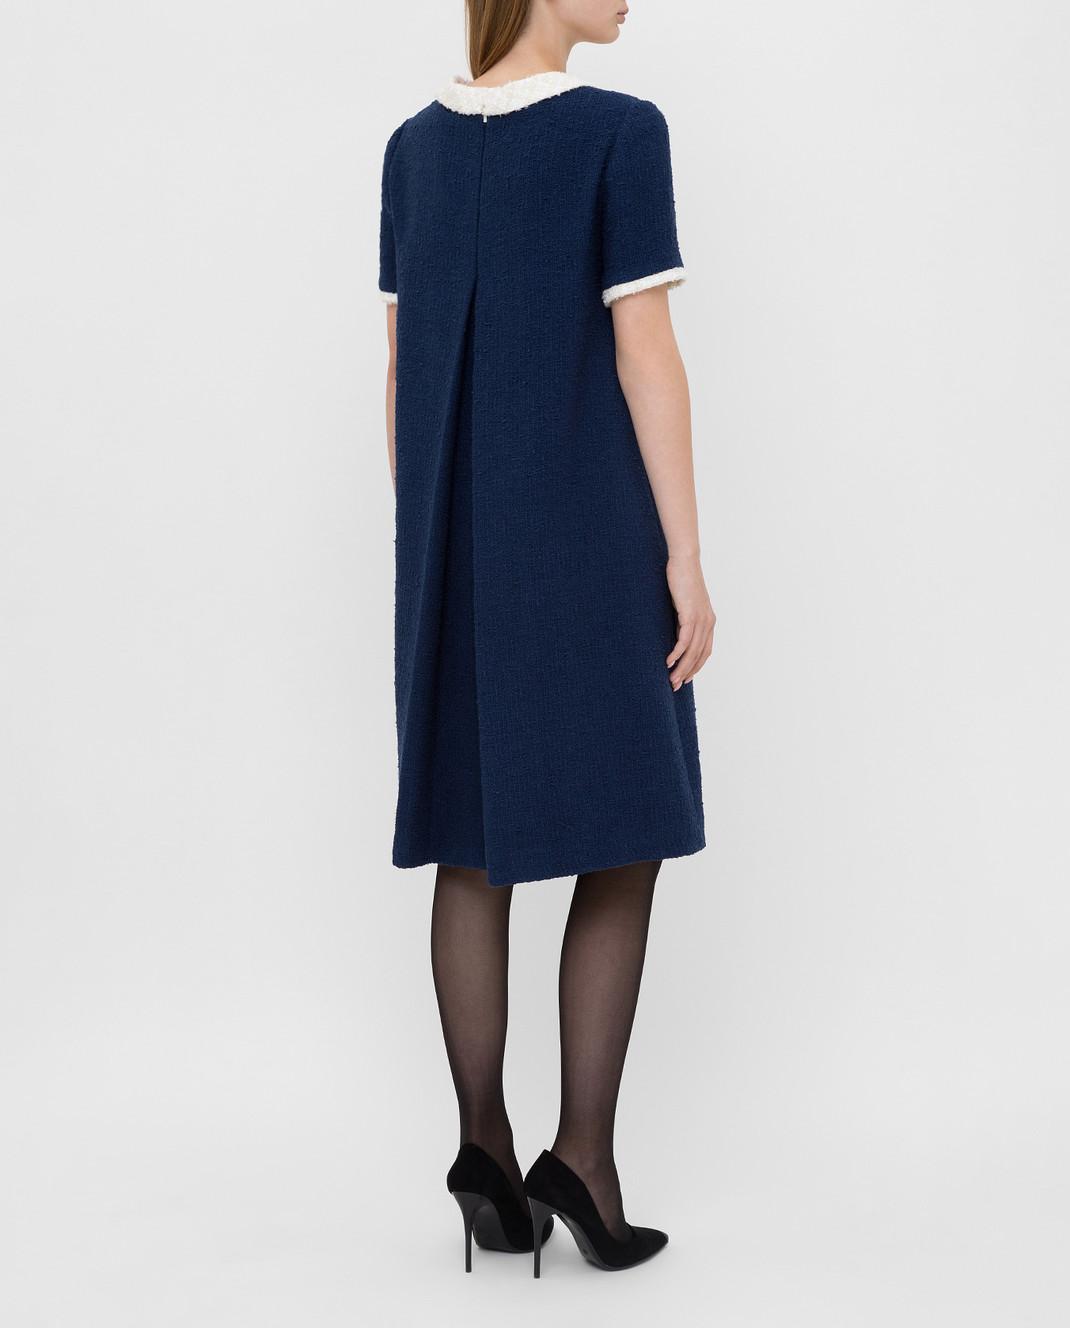 Gucci Синее платье 576826 изображение 4